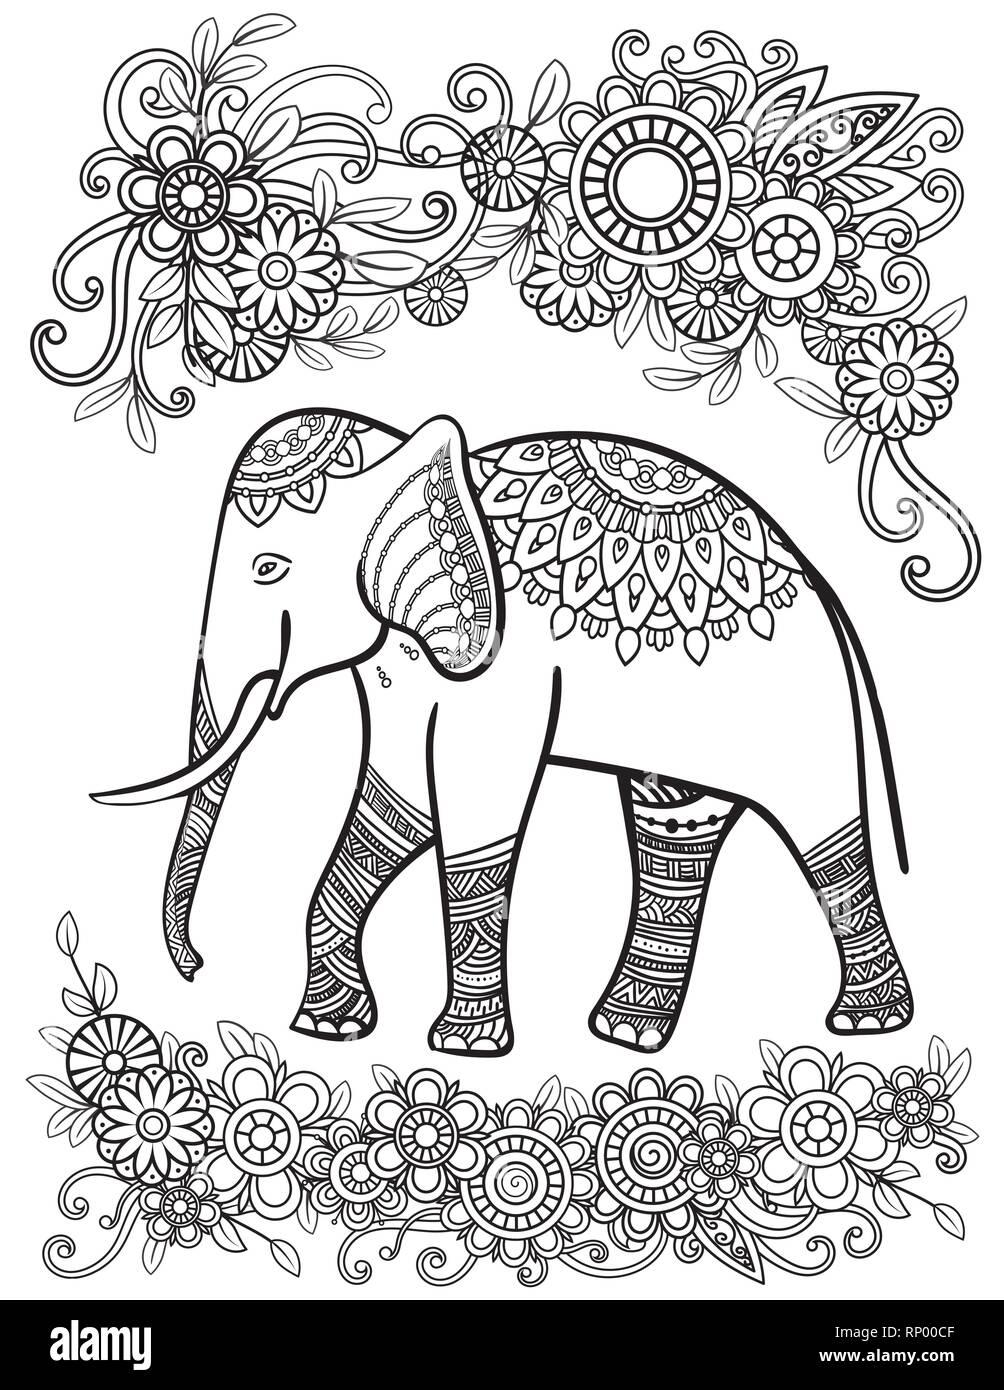 Elephant Ethniques Art Ligne Vector Illustration Motif Oriental Avec Des Fleurs Et Des Mandalas Hand Drawn Vector Illustration Coloriages A Colorier Pour Les Adultes Image Vectorielle Stock Alamy